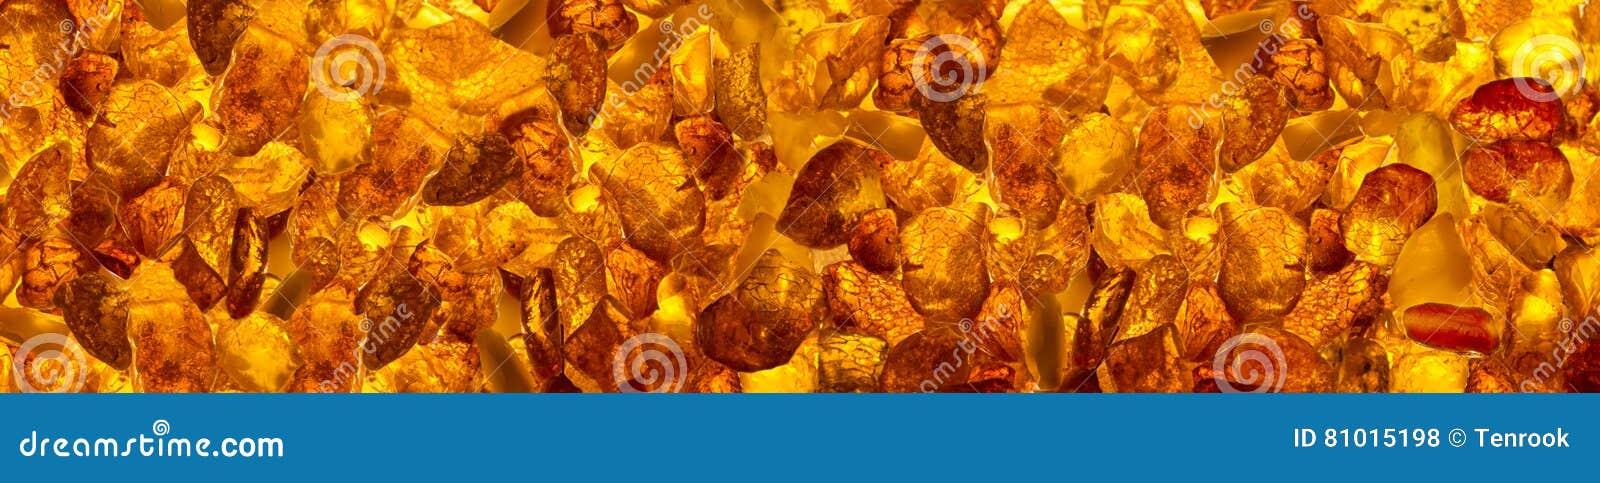 Mensonge rectangulaire de Ñ de  de pierres ambres baltiques panoramiques de loseup sur une surface plane